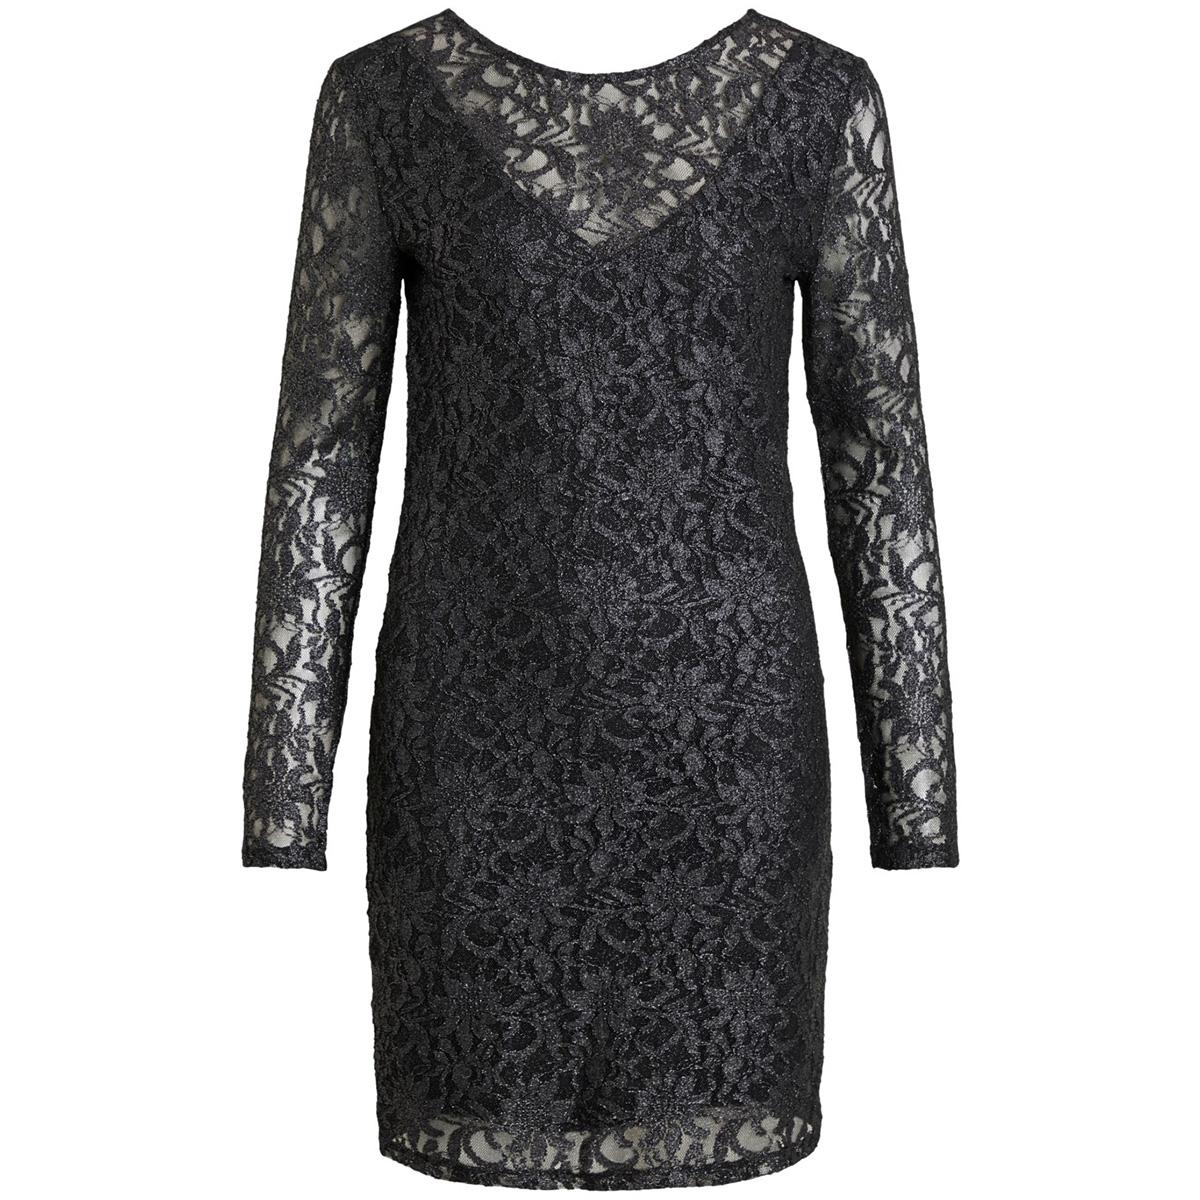 vivistin l/s dress/ki 14054549 vila jurk black/w. silver